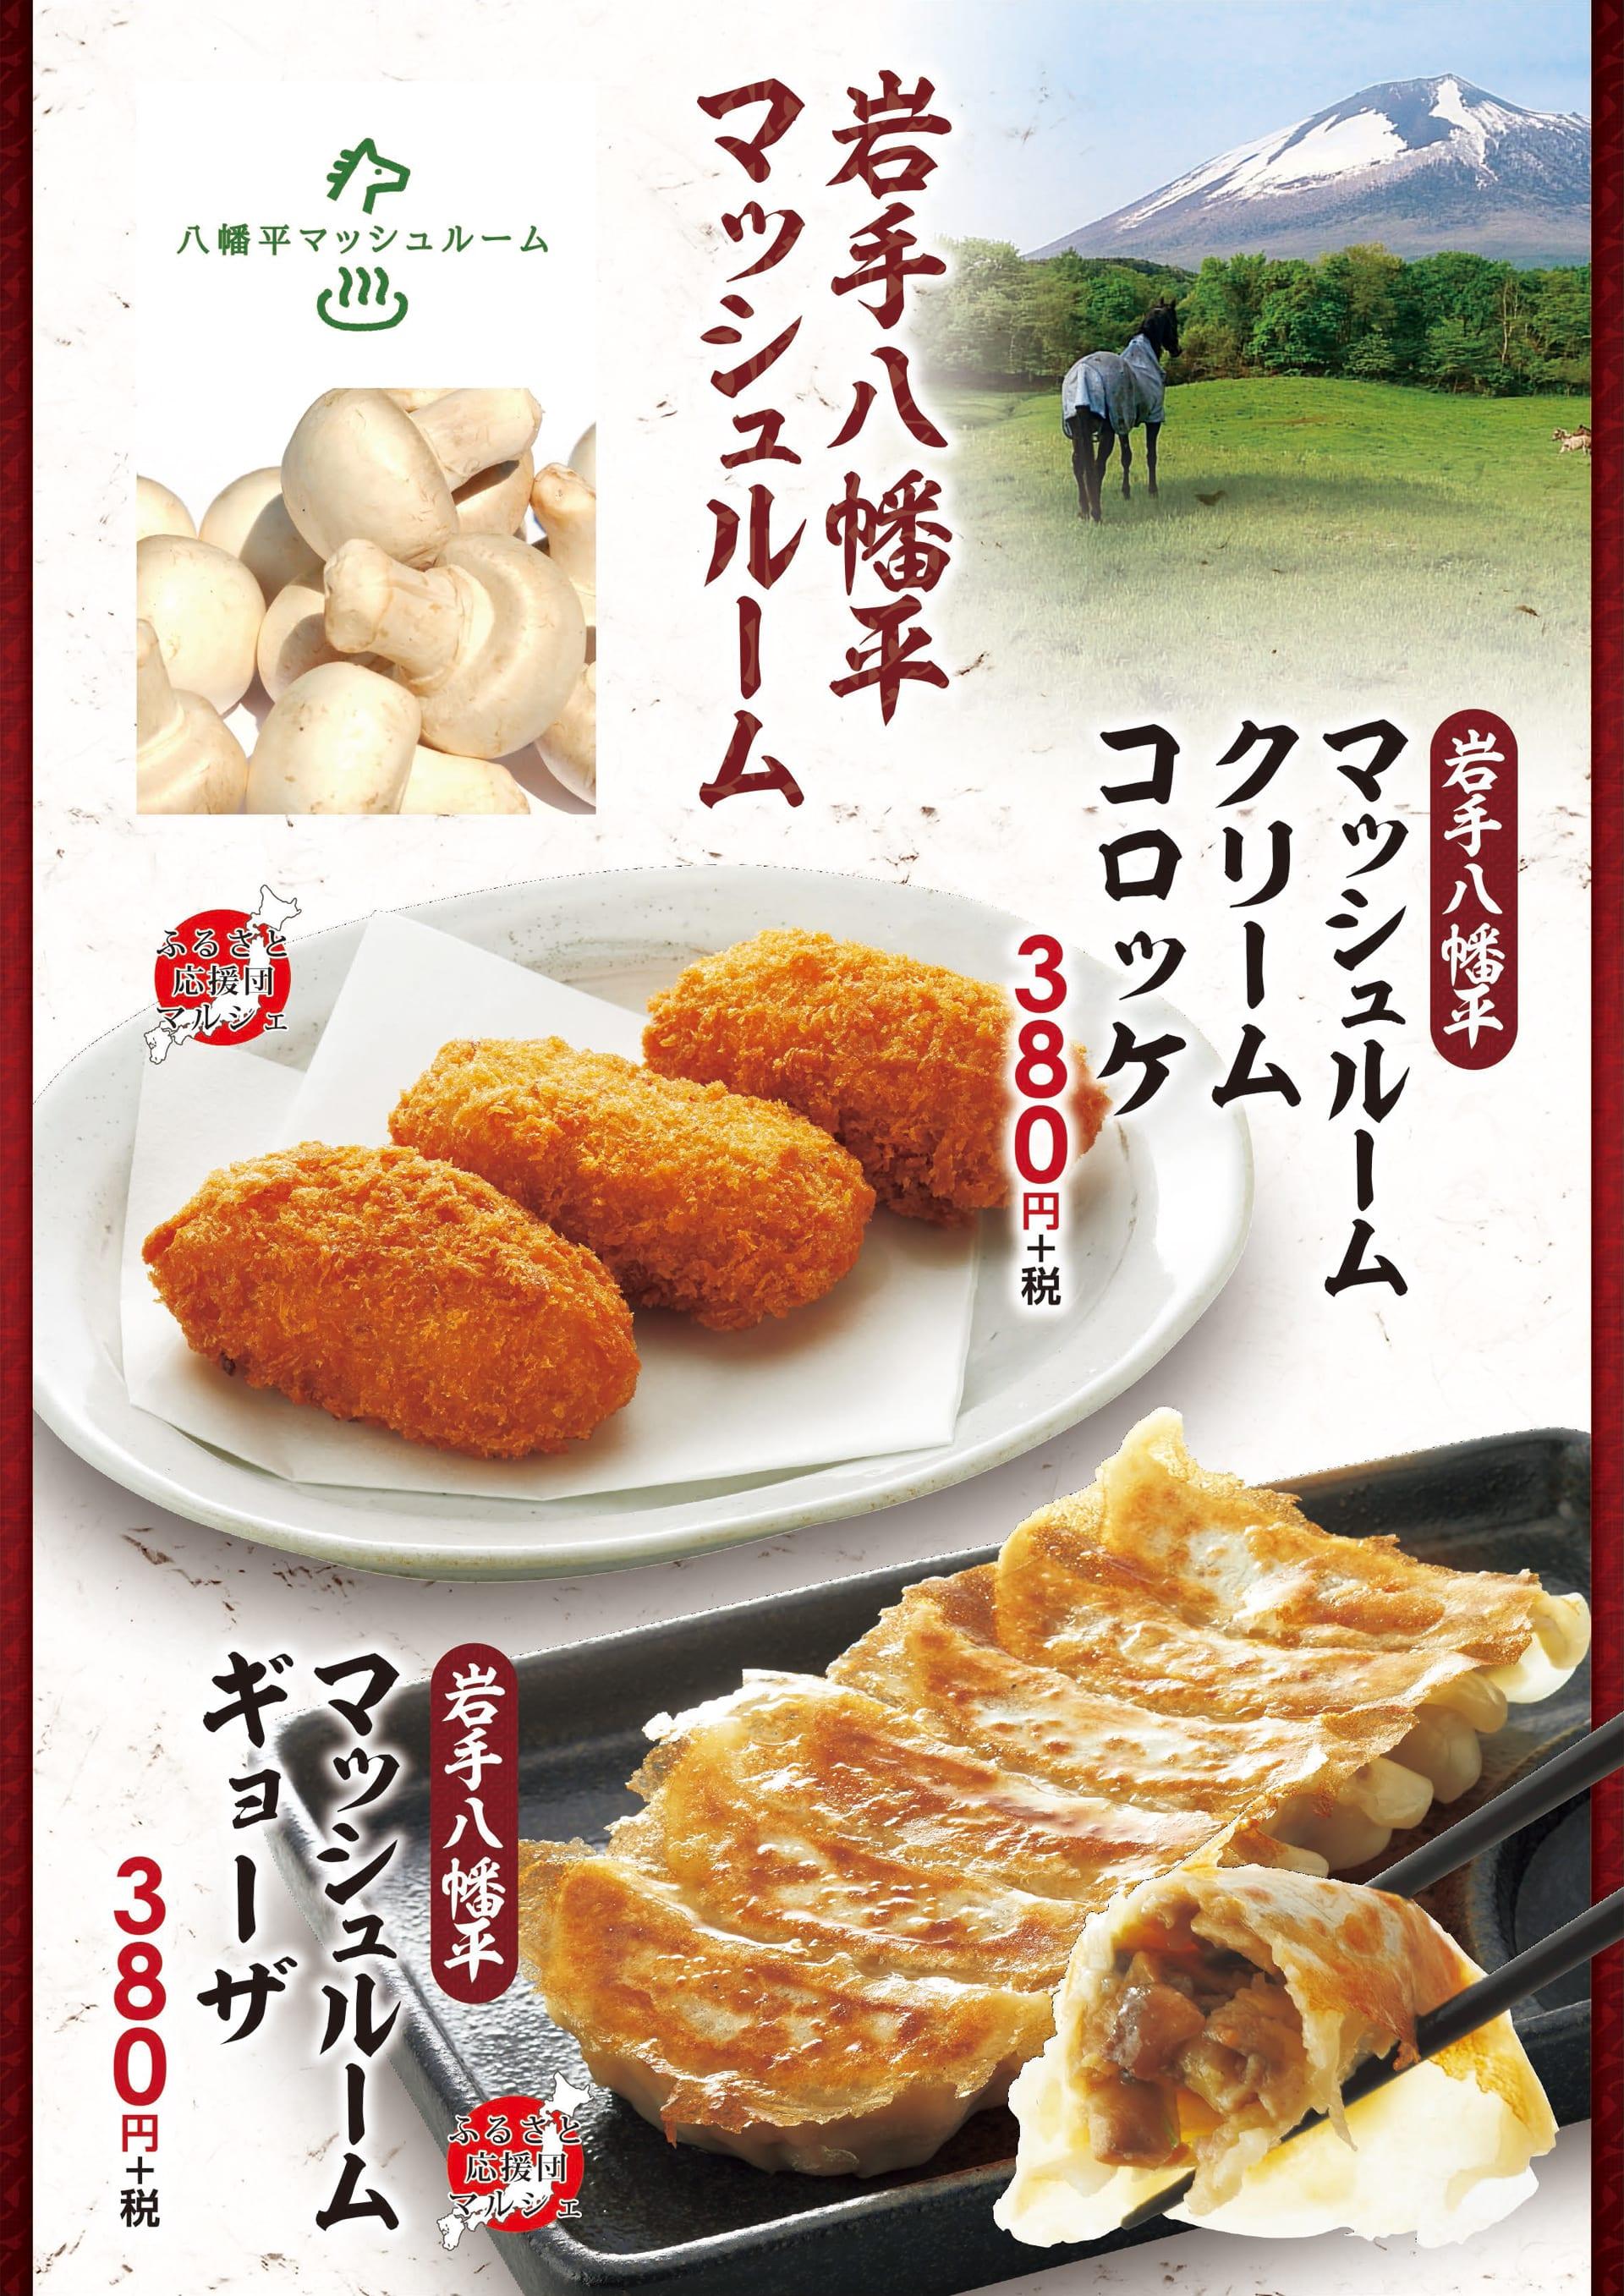 八幡平マッシュルームの魅力をお伝えしています。香り豊かなマッシュルームギョーザと、まろやかなマッシュルームクリームコロッケ